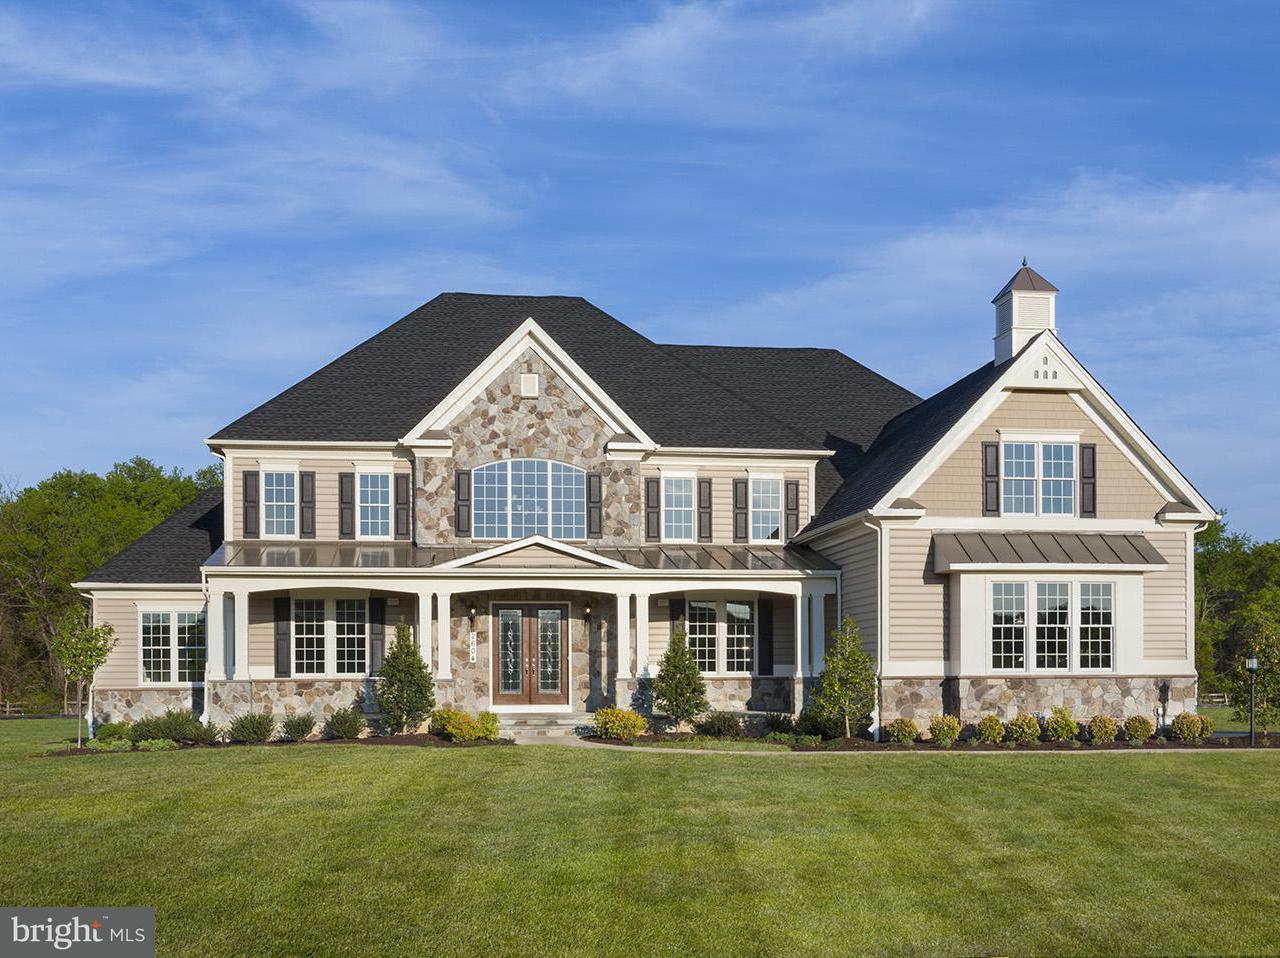 Einfamilienhaus für Verkauf beim 16658 BRIDLE RIDGE Lane 16658 BRIDLE RIDGE Lane Olney, Maryland 20832 Vereinigte Staaten